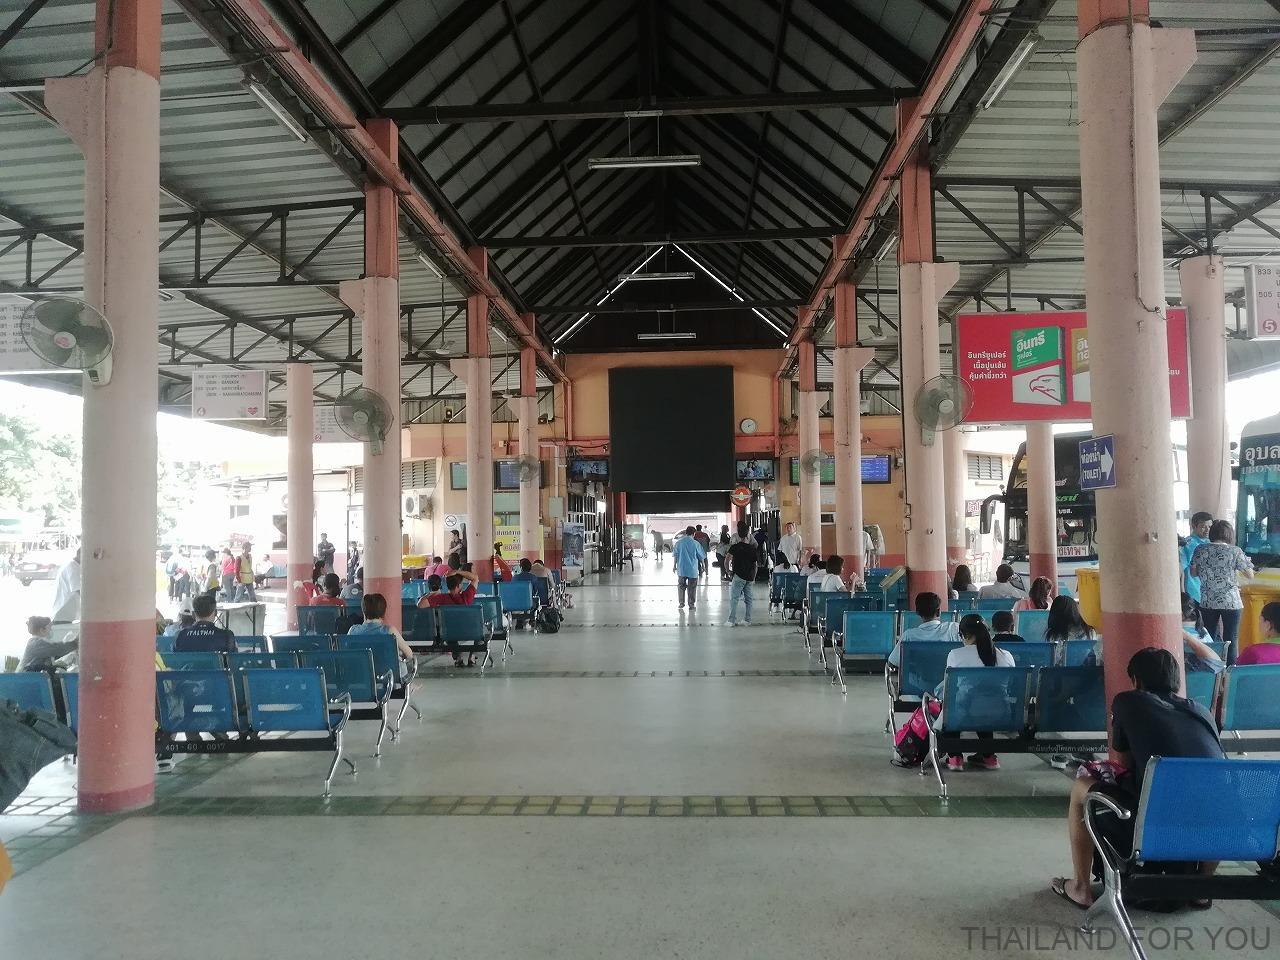 ウボンラチャタニ バスターミナル 写真